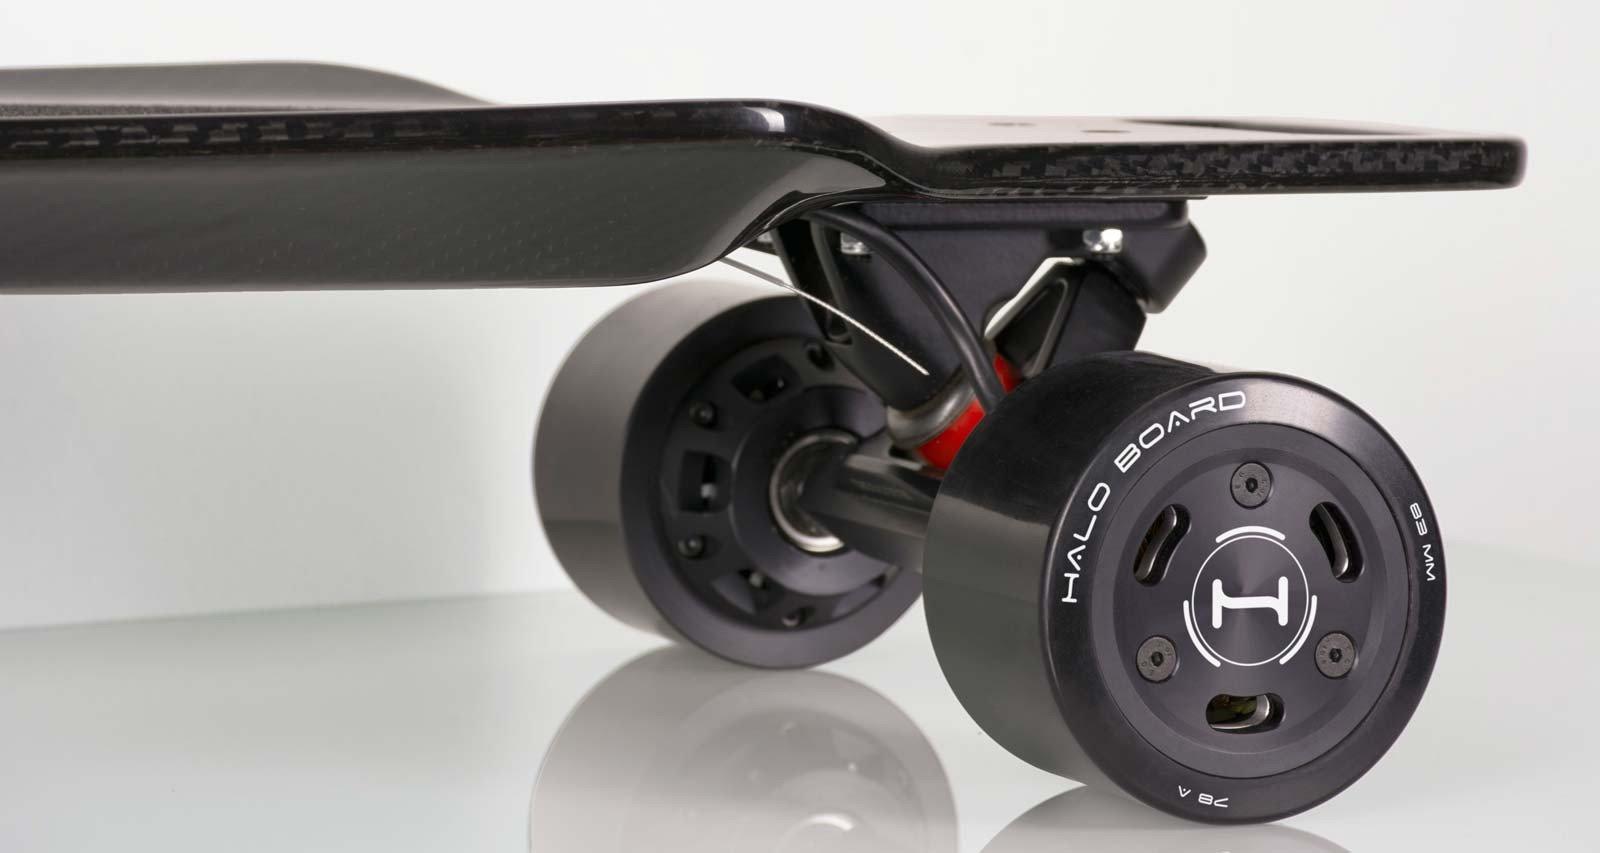 Halo Board Carbon Fiber Electric Skateboard 22 Mph 3000w